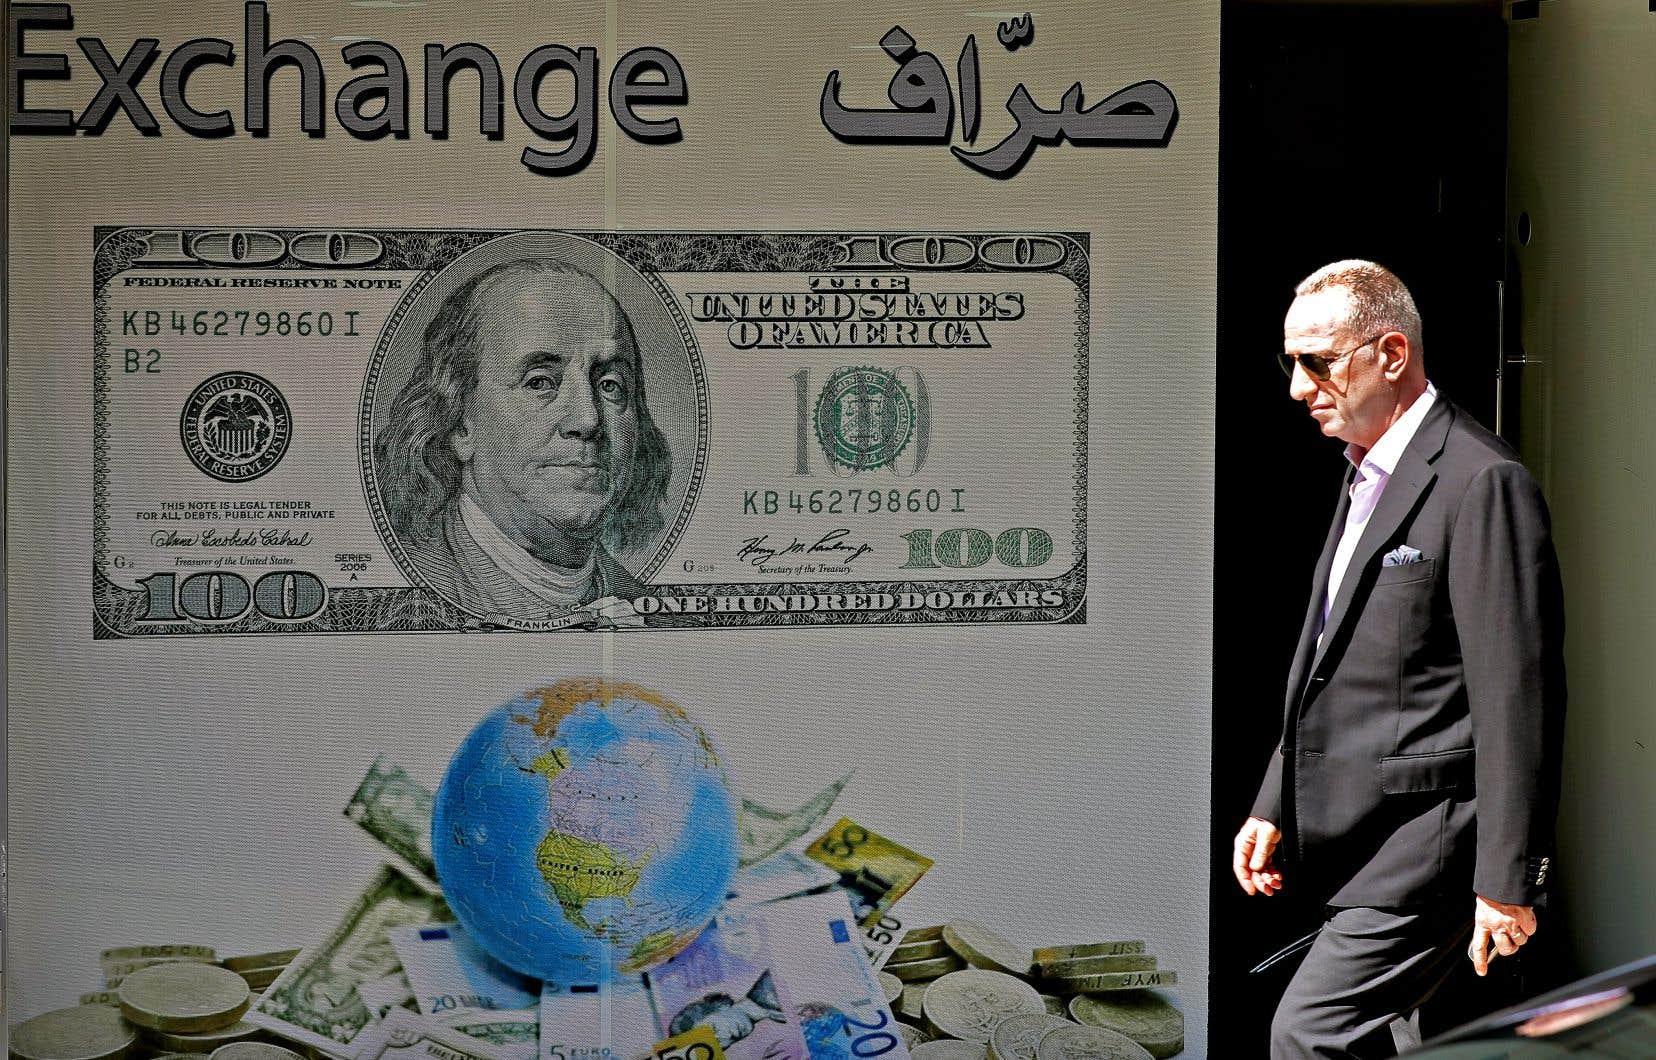 Sur fond de crise, les Libanais se sont rendu compte que le système bancaire est extrêmement fragile.